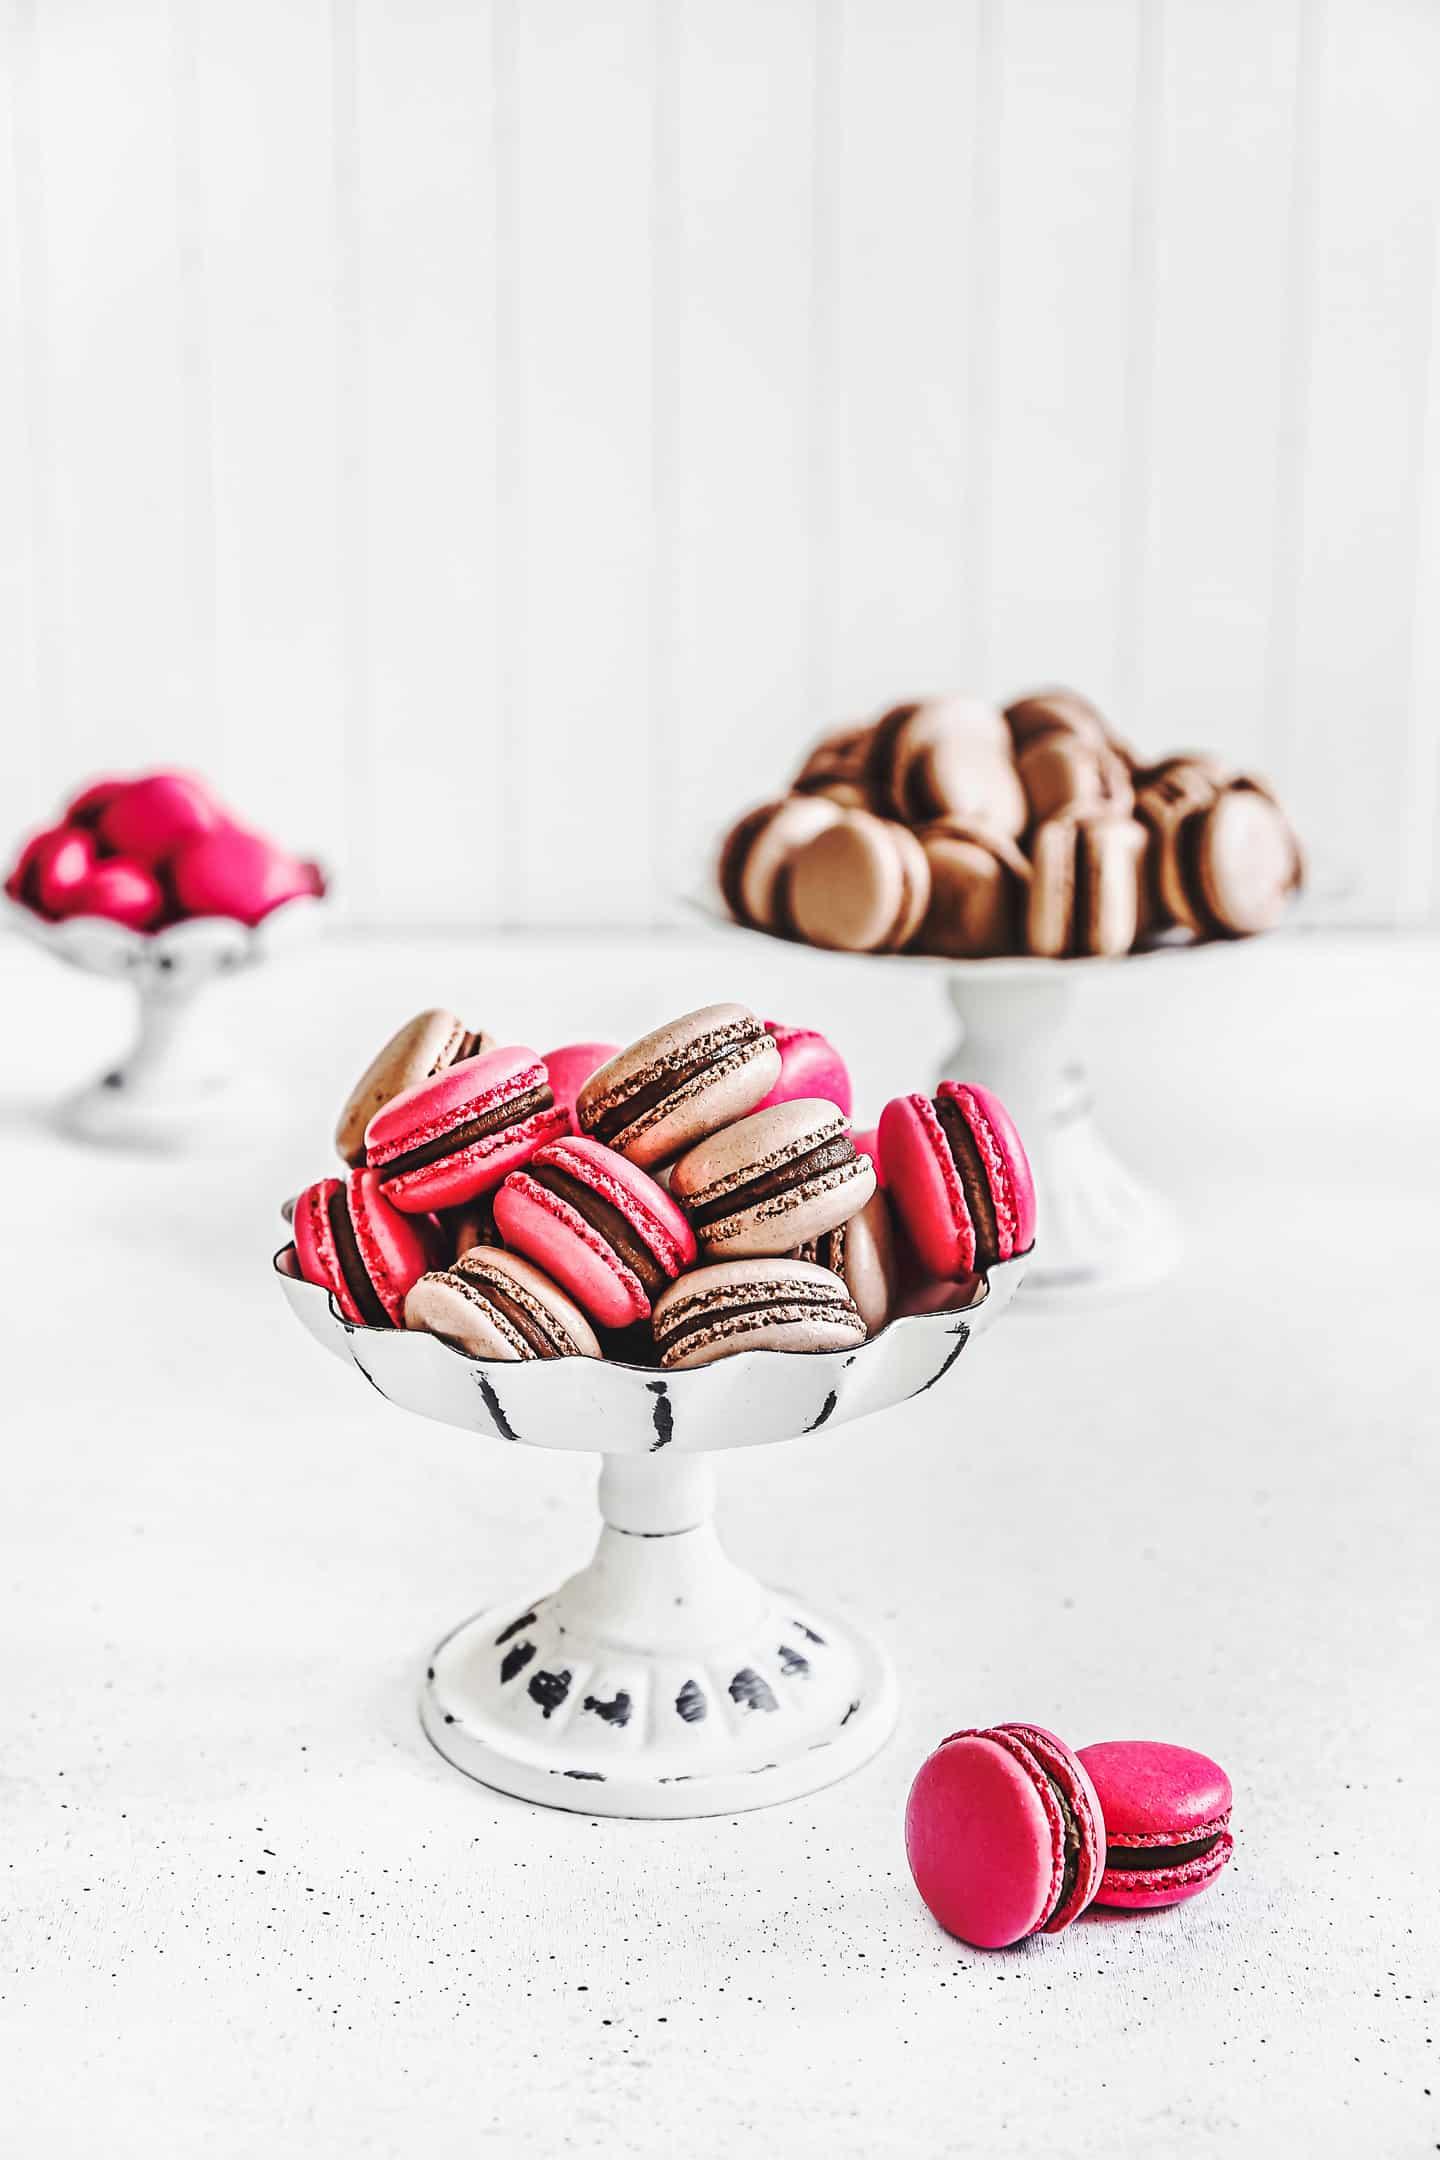 Recette inratable des macarons au chocolat